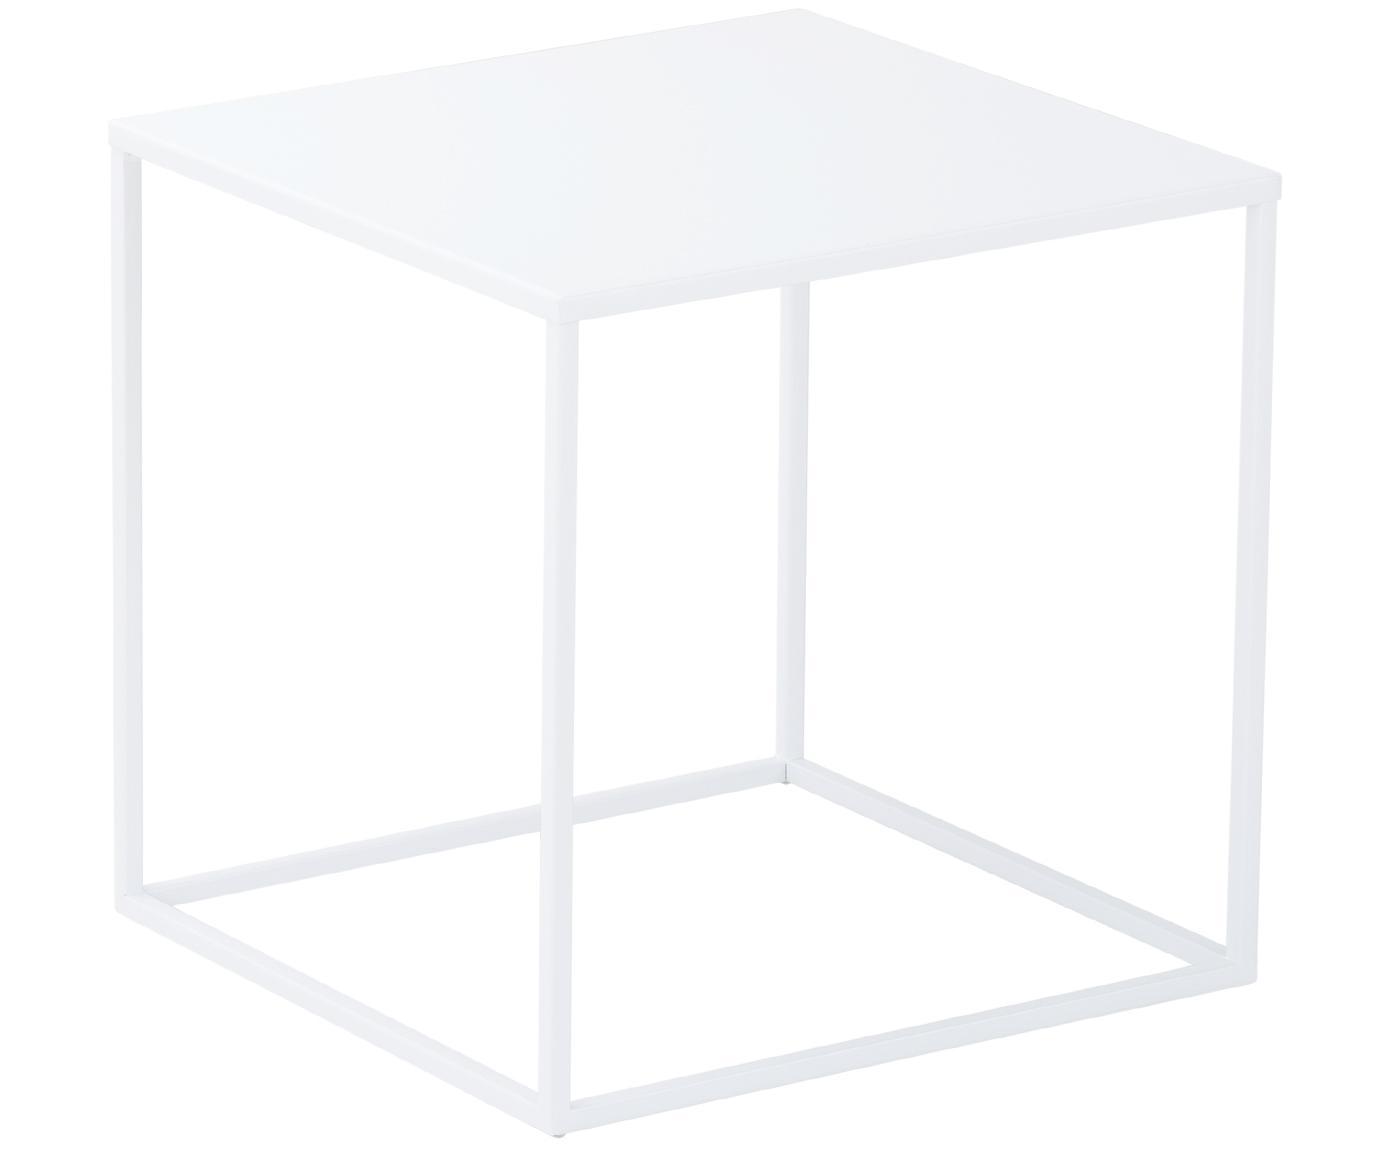 Stolik pomocniczy z metalu Stina, Metal malowany proszkowo, Biały, matowy, S 45 x W 45 cm